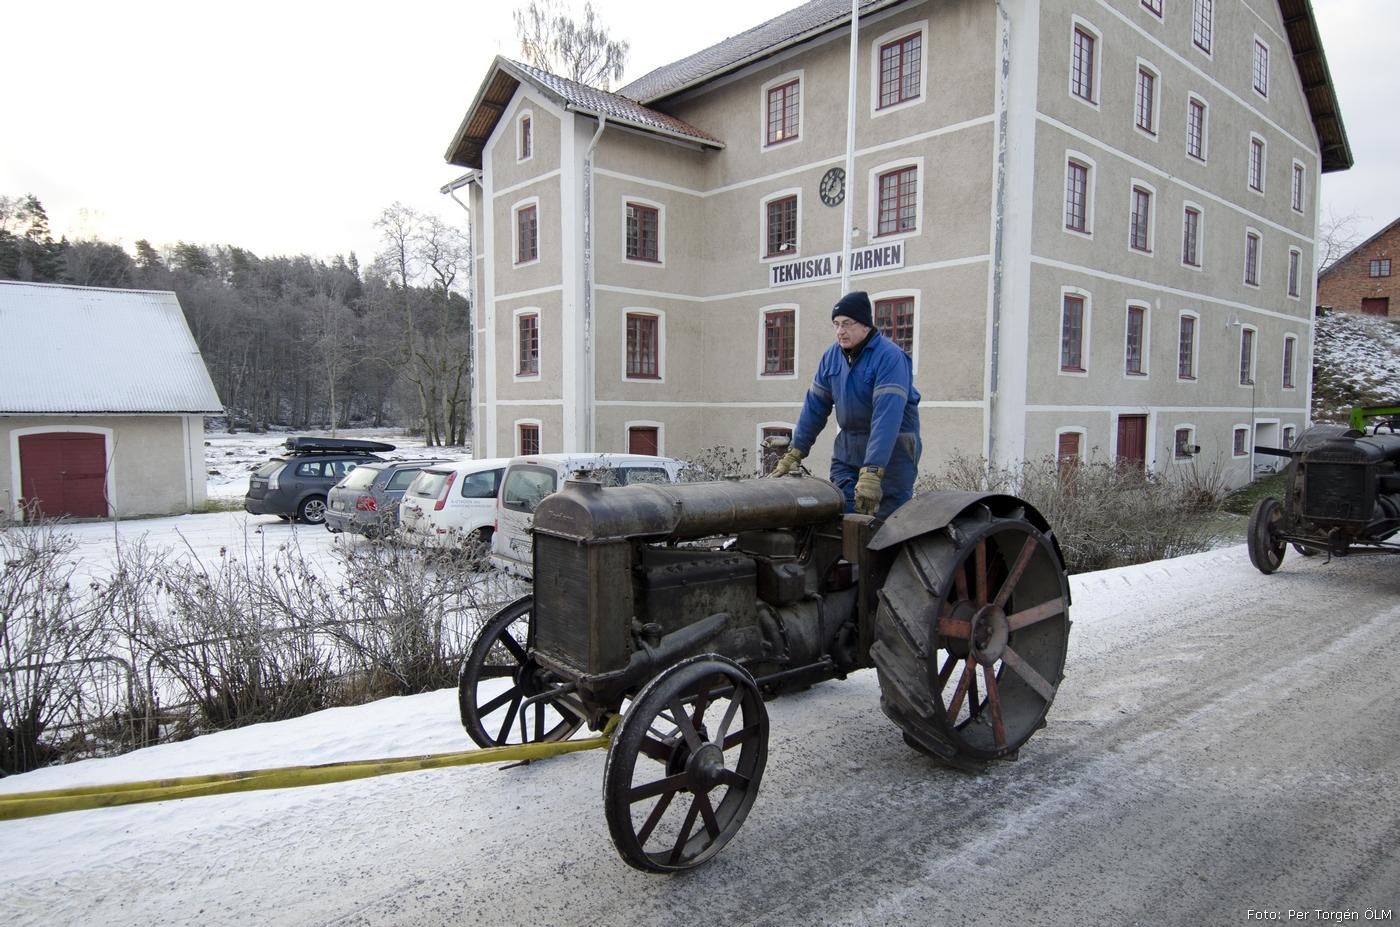 2012-02-10_059_Tekniska_kvarnen